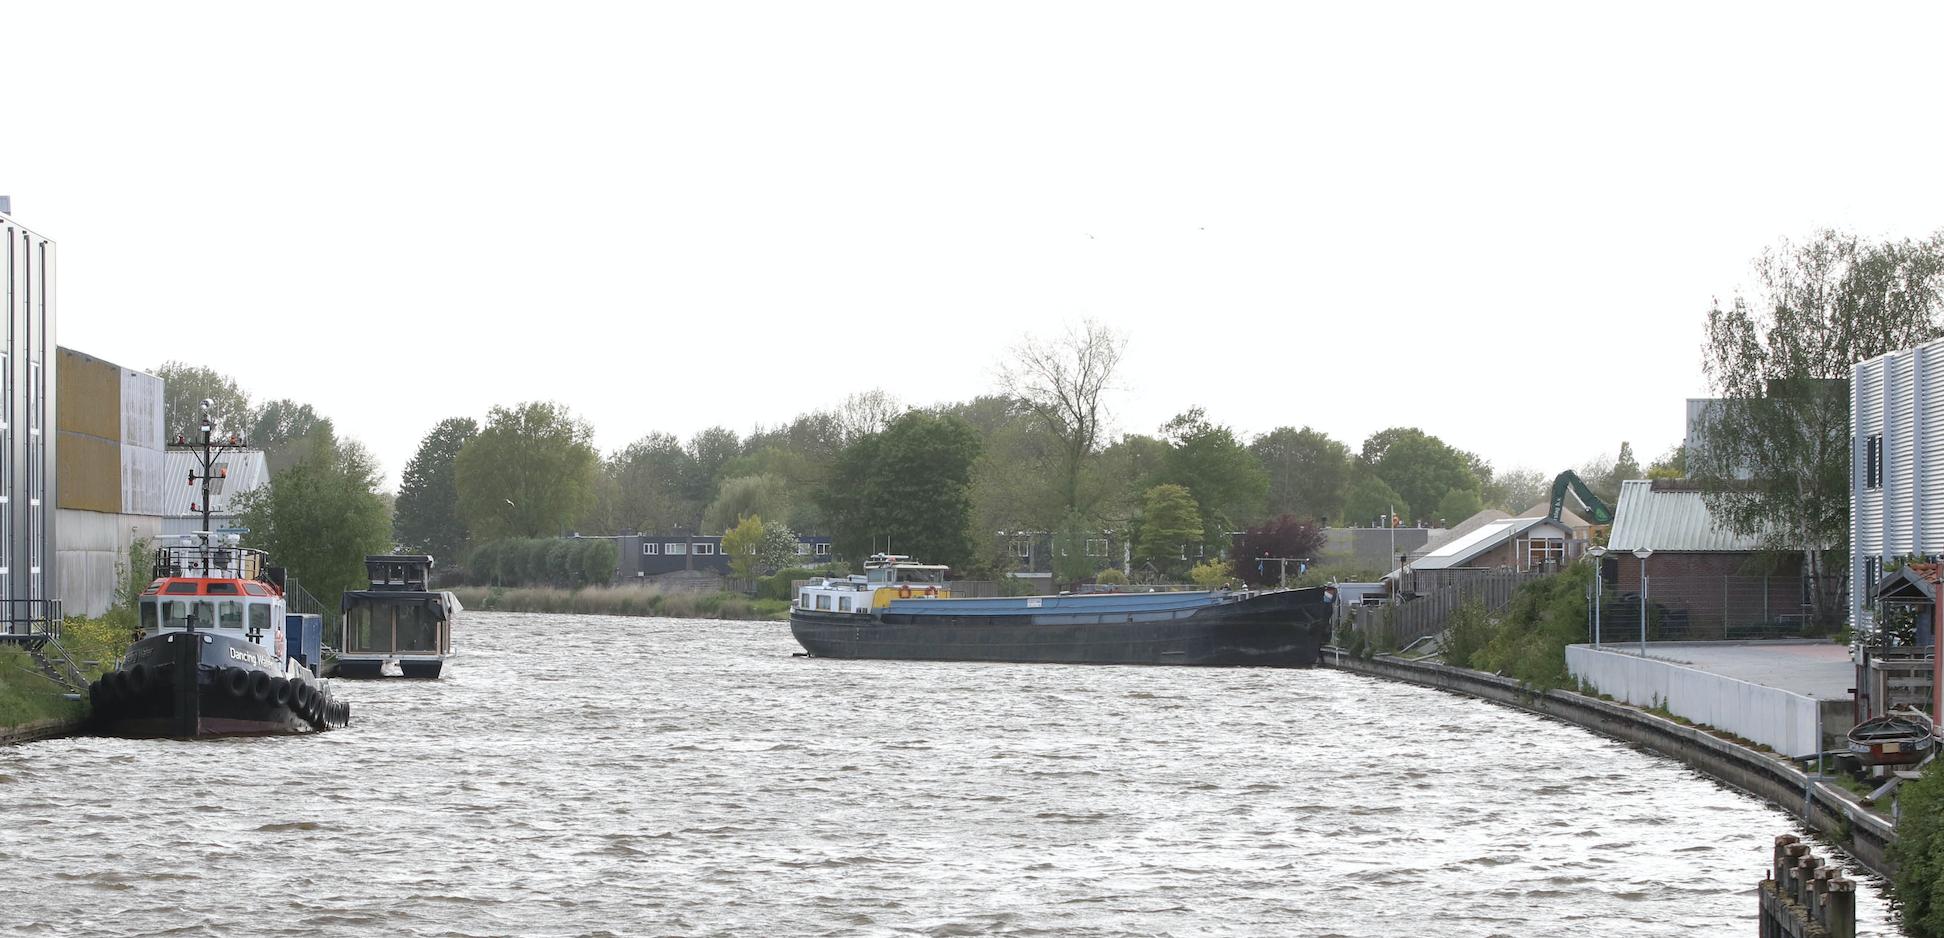 Binnenvaartschip losgeslagen bij Emmeloord. Foto ProNews